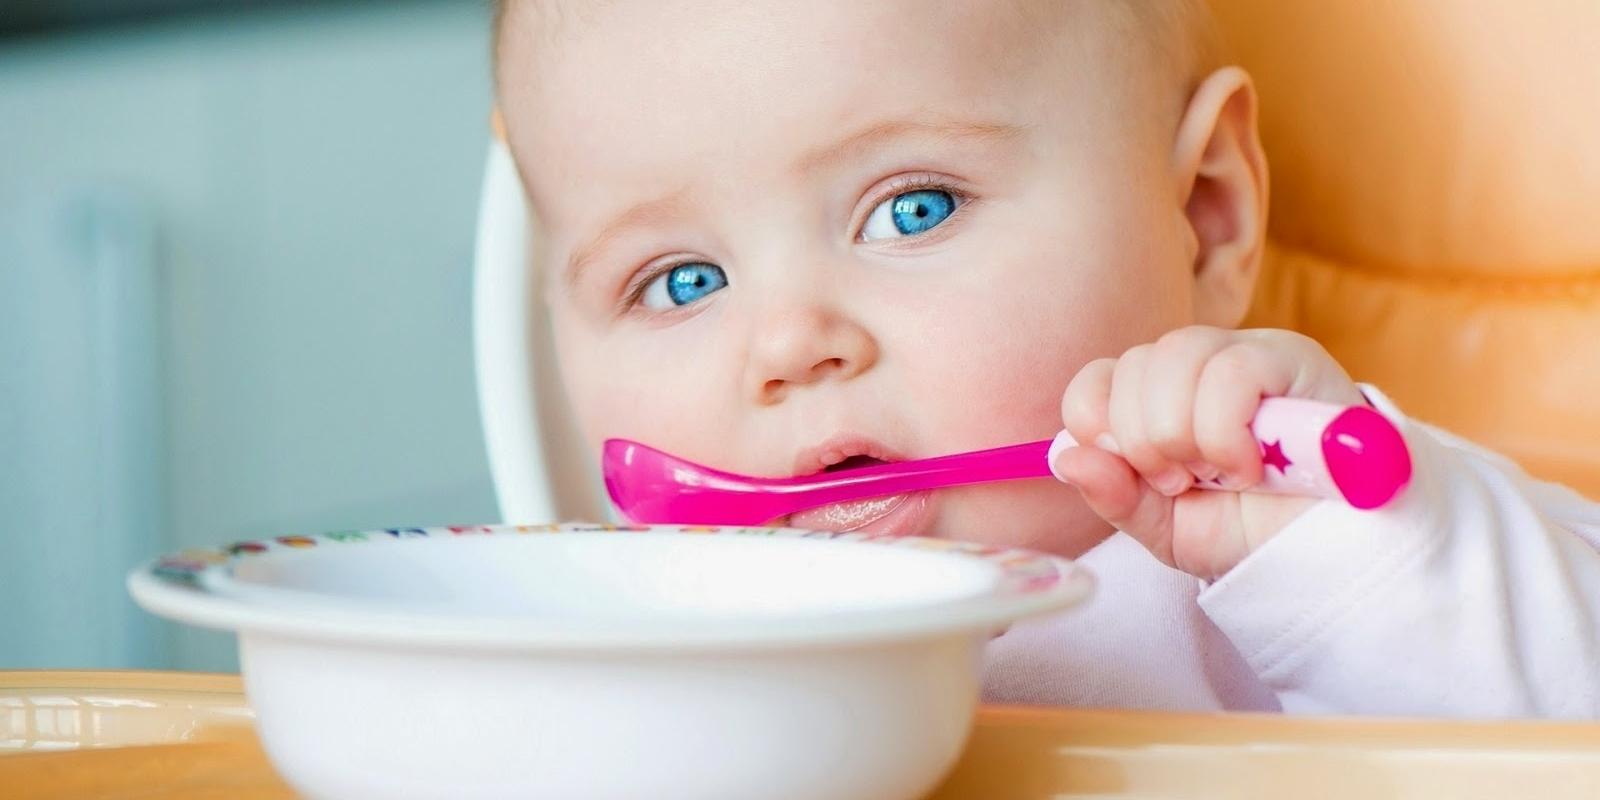 Питание 5 месячного ребенка на искусственном вскармливании